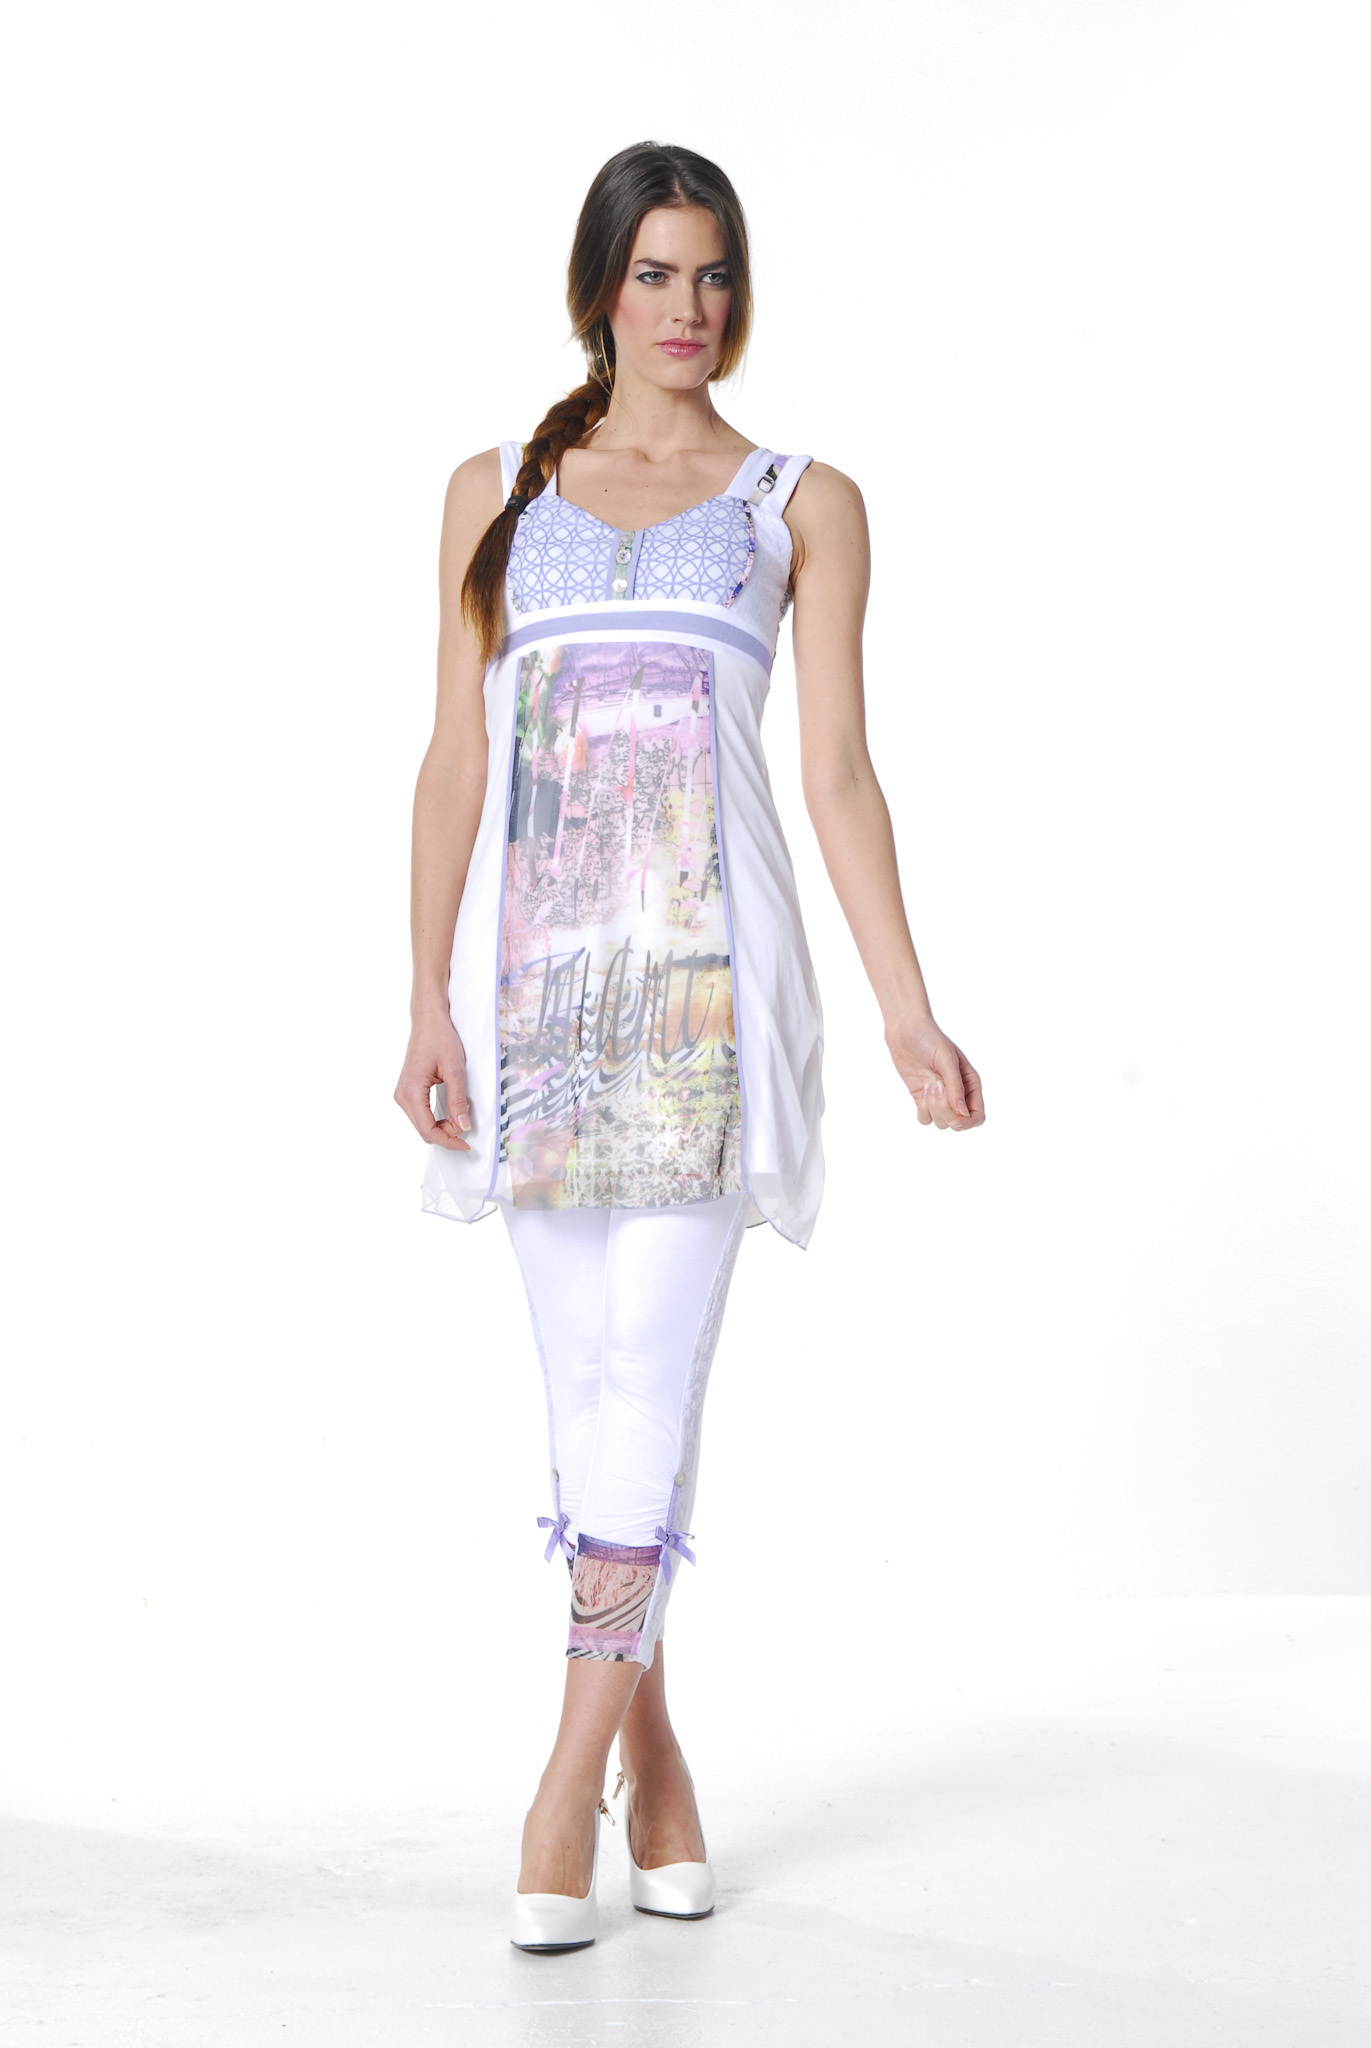 Les Fees Du Vent Couture: Radiant Pastel Princess Tunic (3 Left!) LFDV_887821